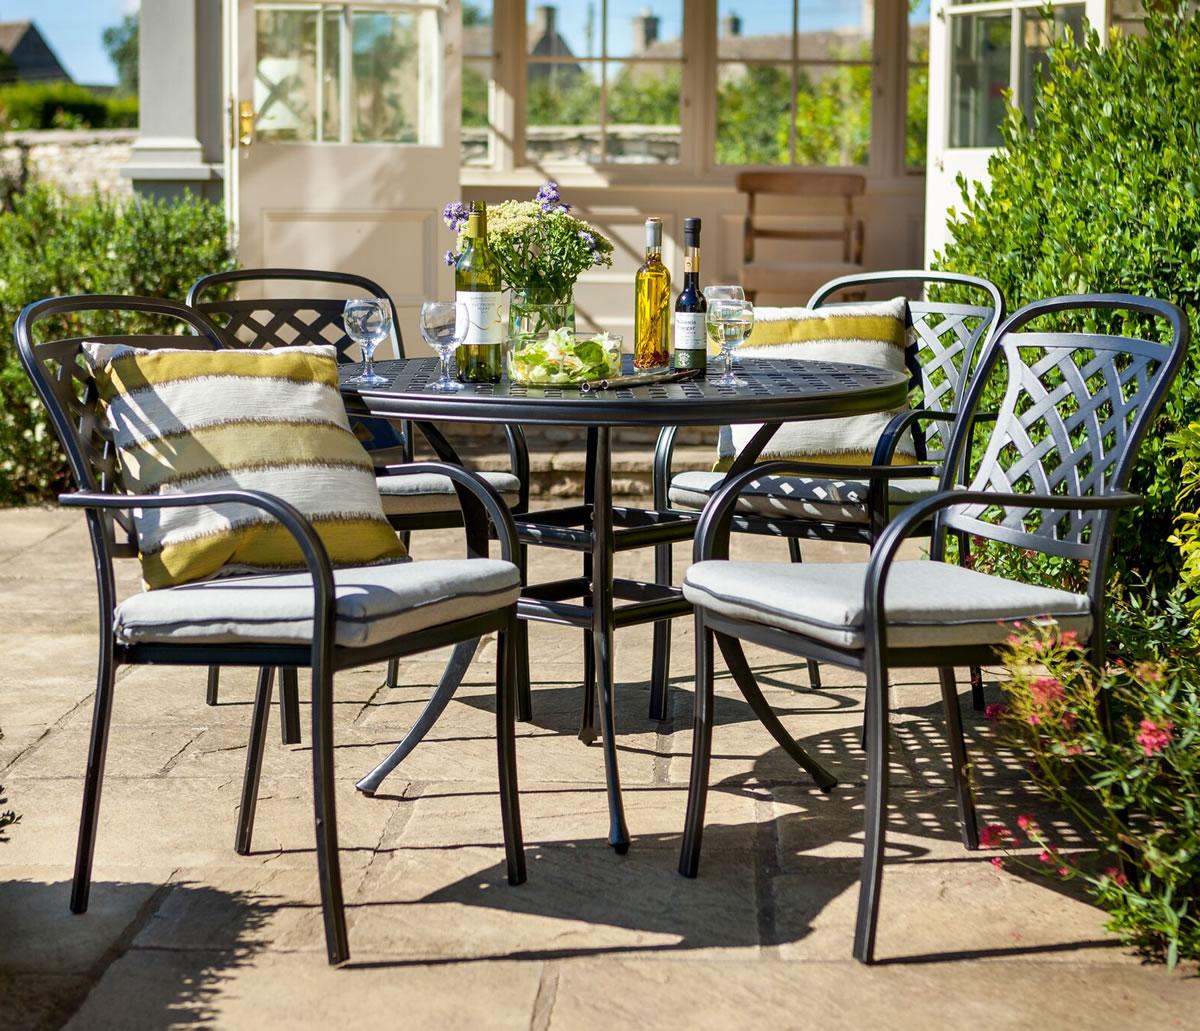 ... Garden Furniture 4 Less Berkeley Cast Aluminium 4 Seater Garden Dining  Set 163 549 Garden4less Uk ...